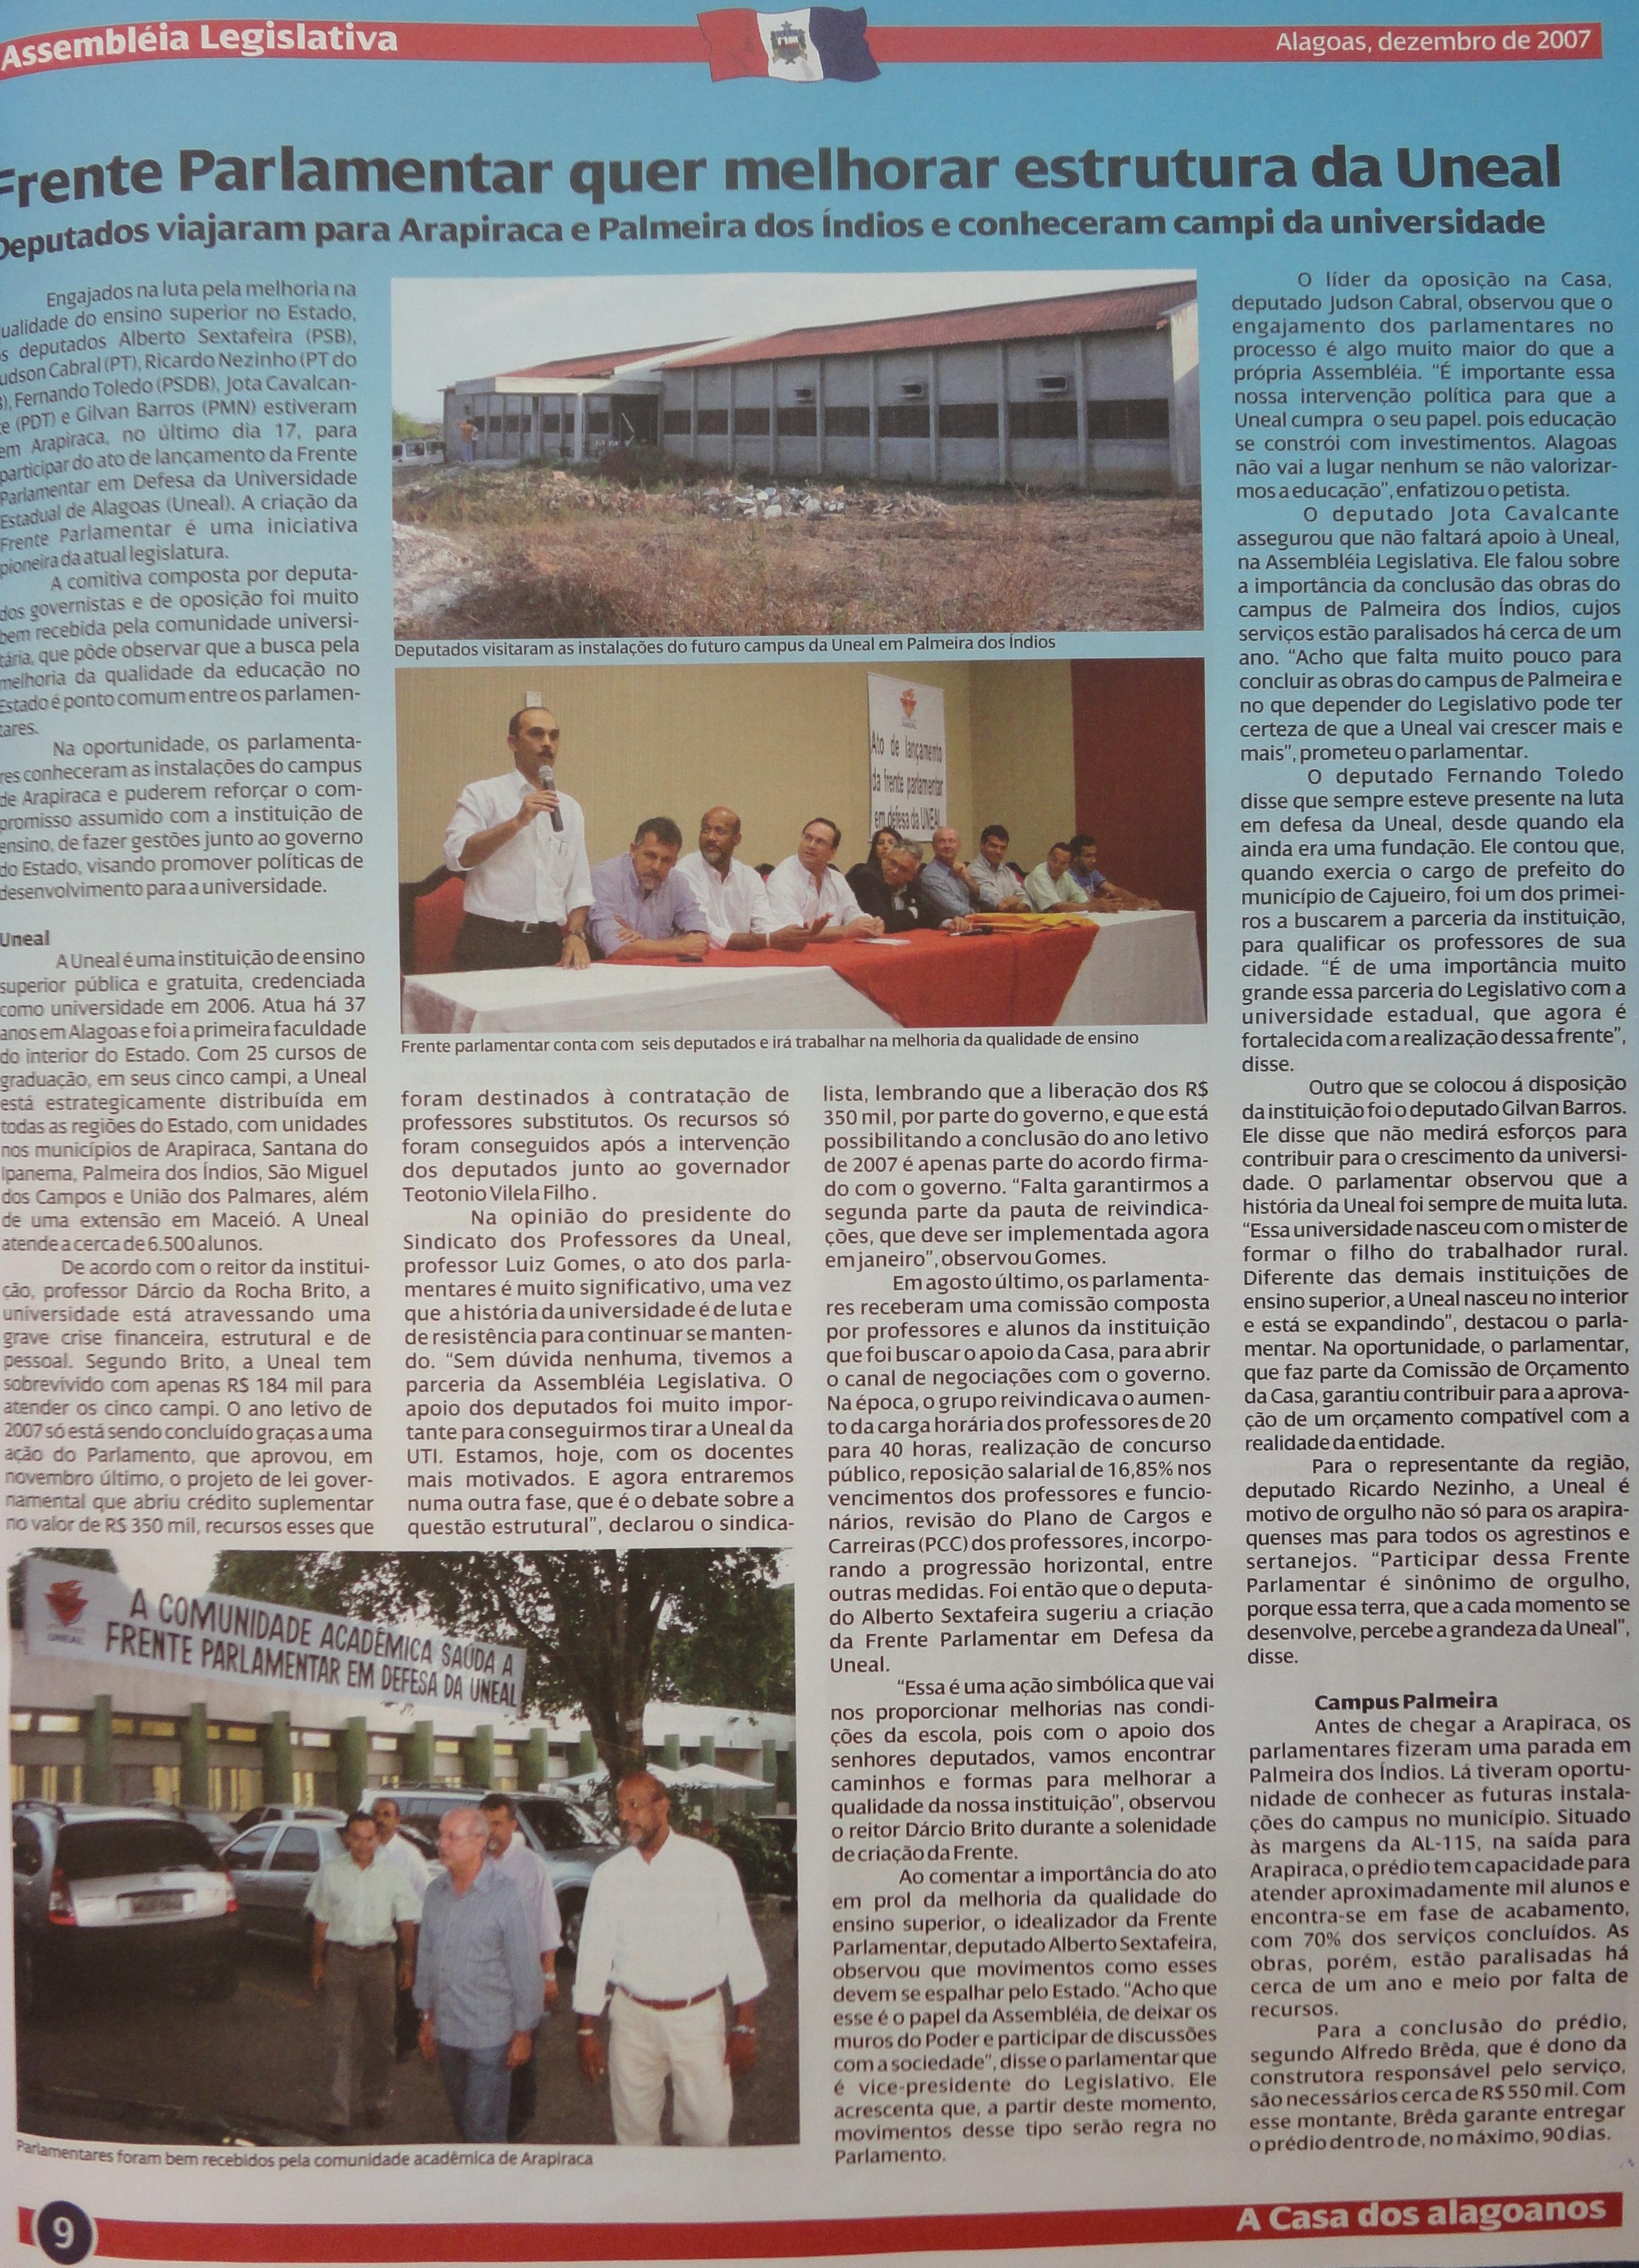 Coleção do Jornal da Assembleia 12-2007